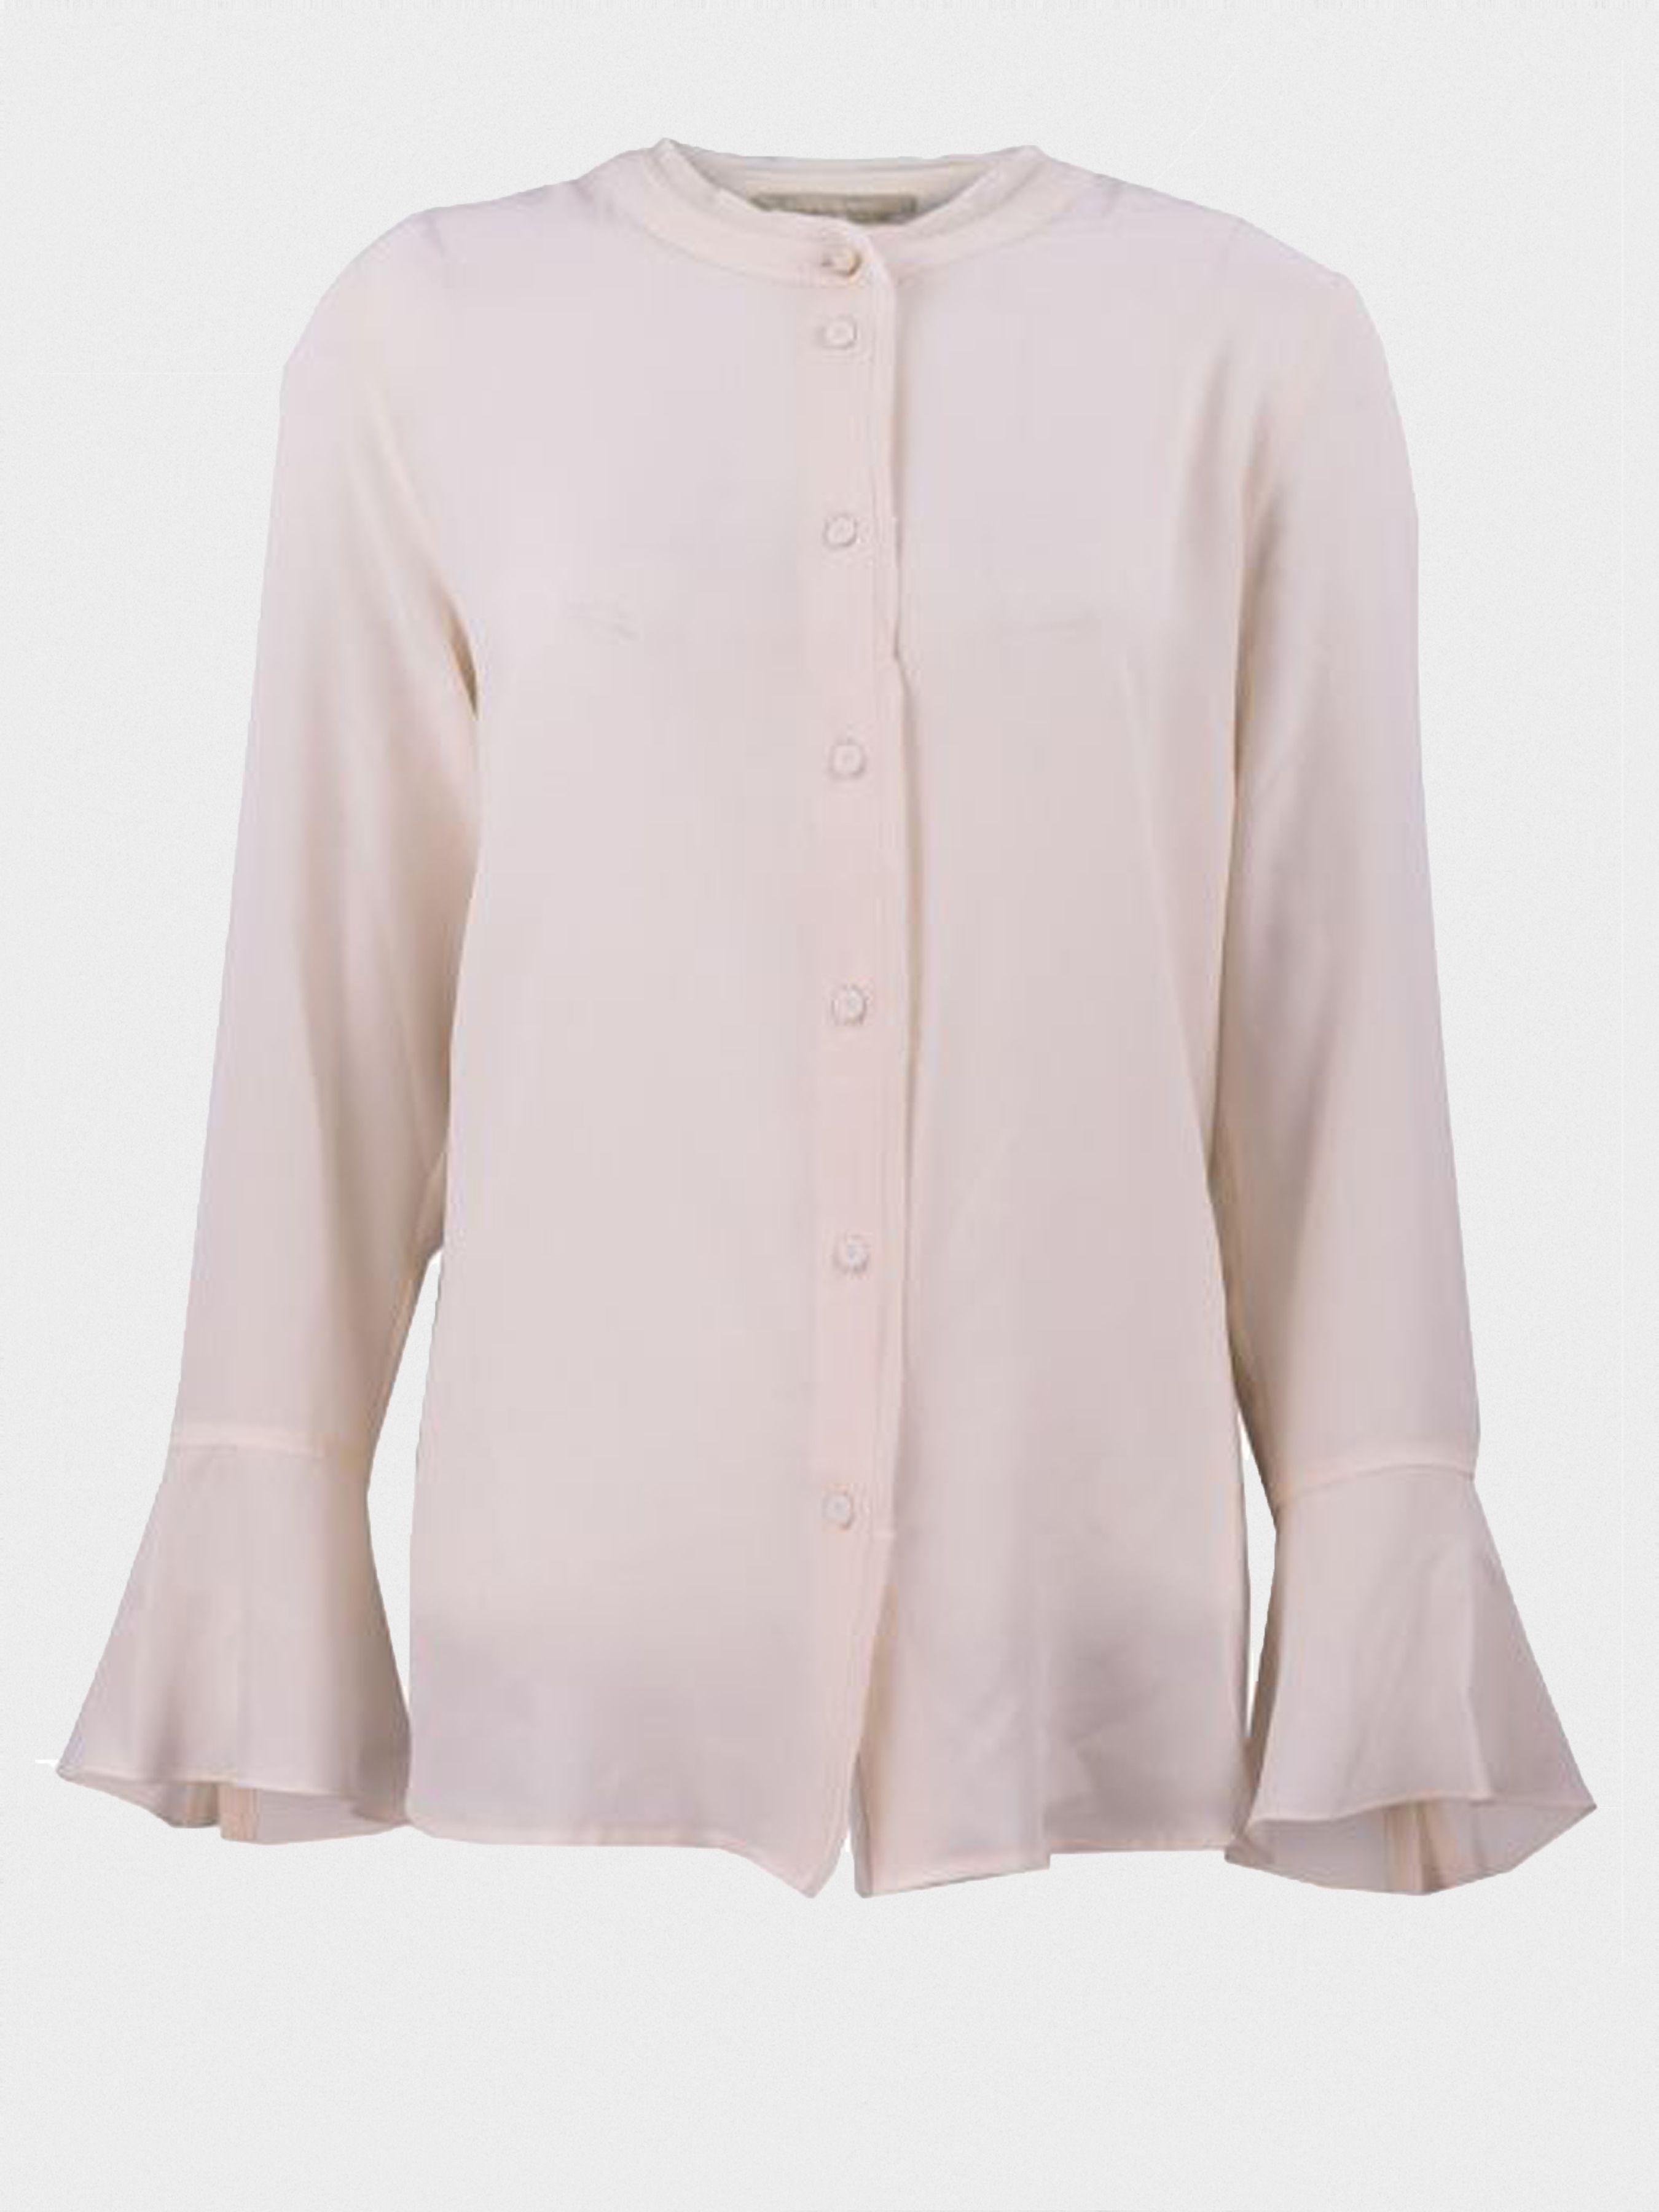 MARC O'POLO Блуза женские модель PF3298 купить, 2017